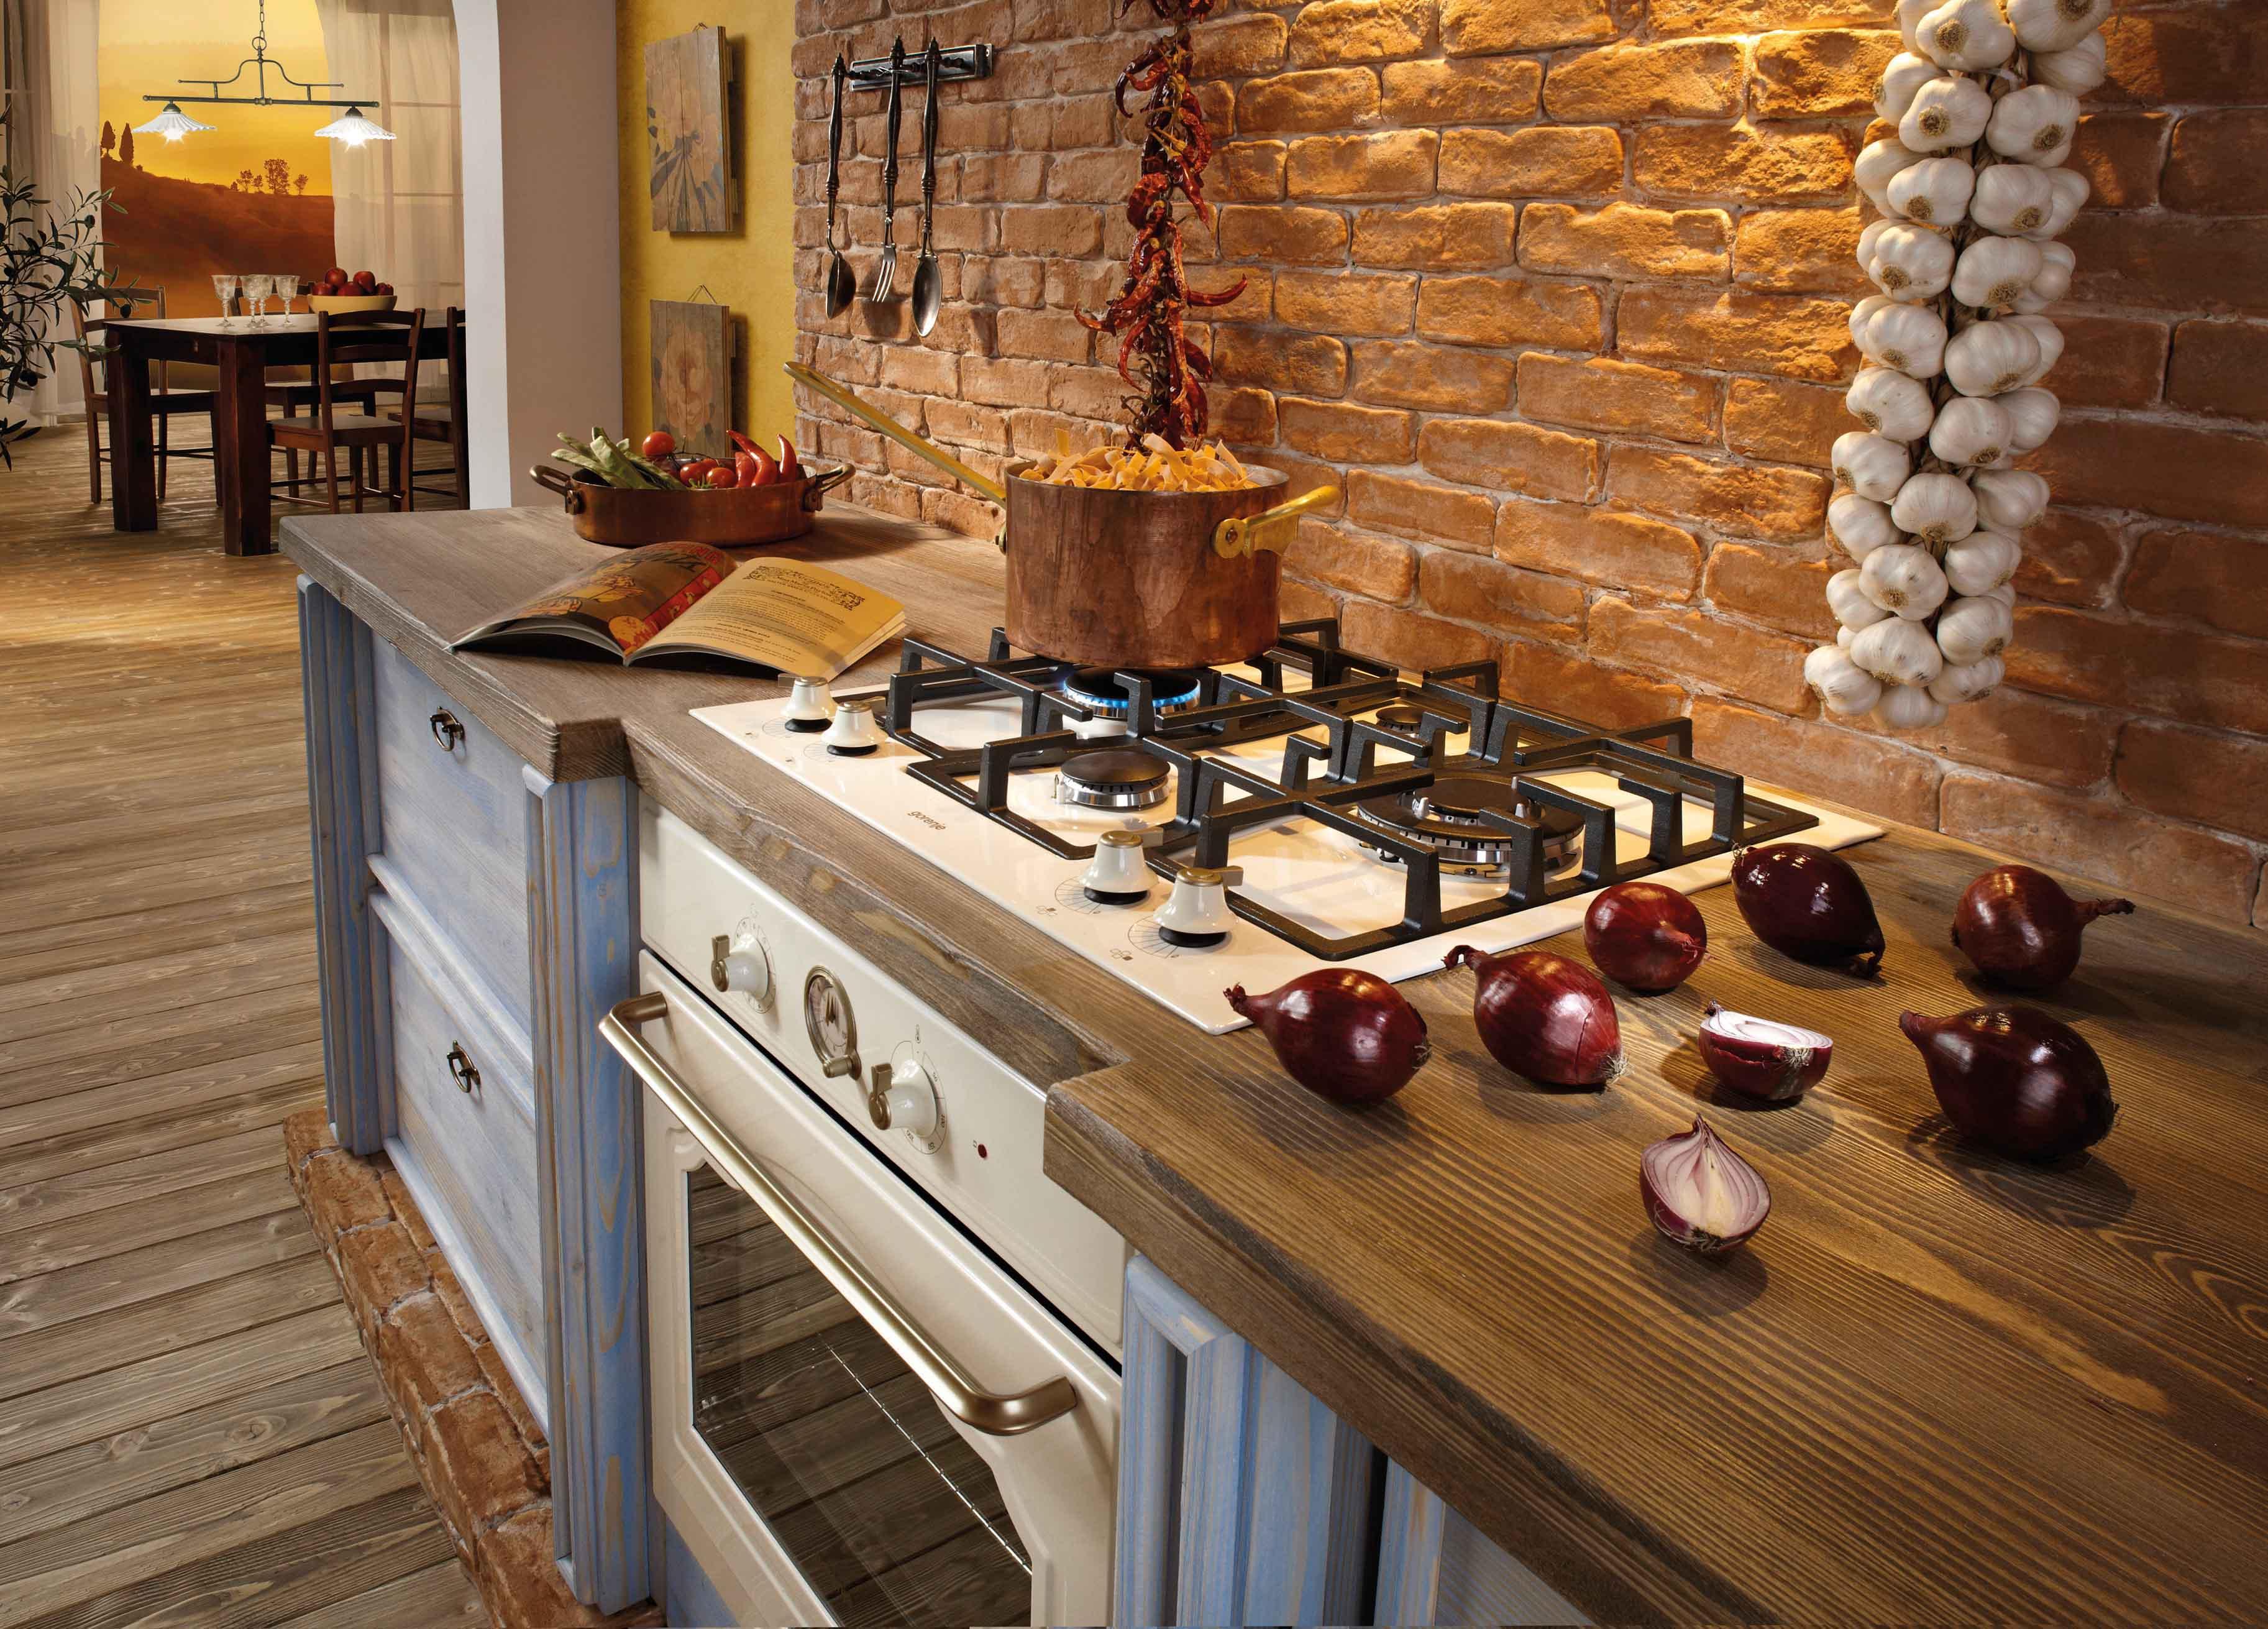 Classico di gorenje cucine freestanding piani cottura e for Piani di casa in stile country texas